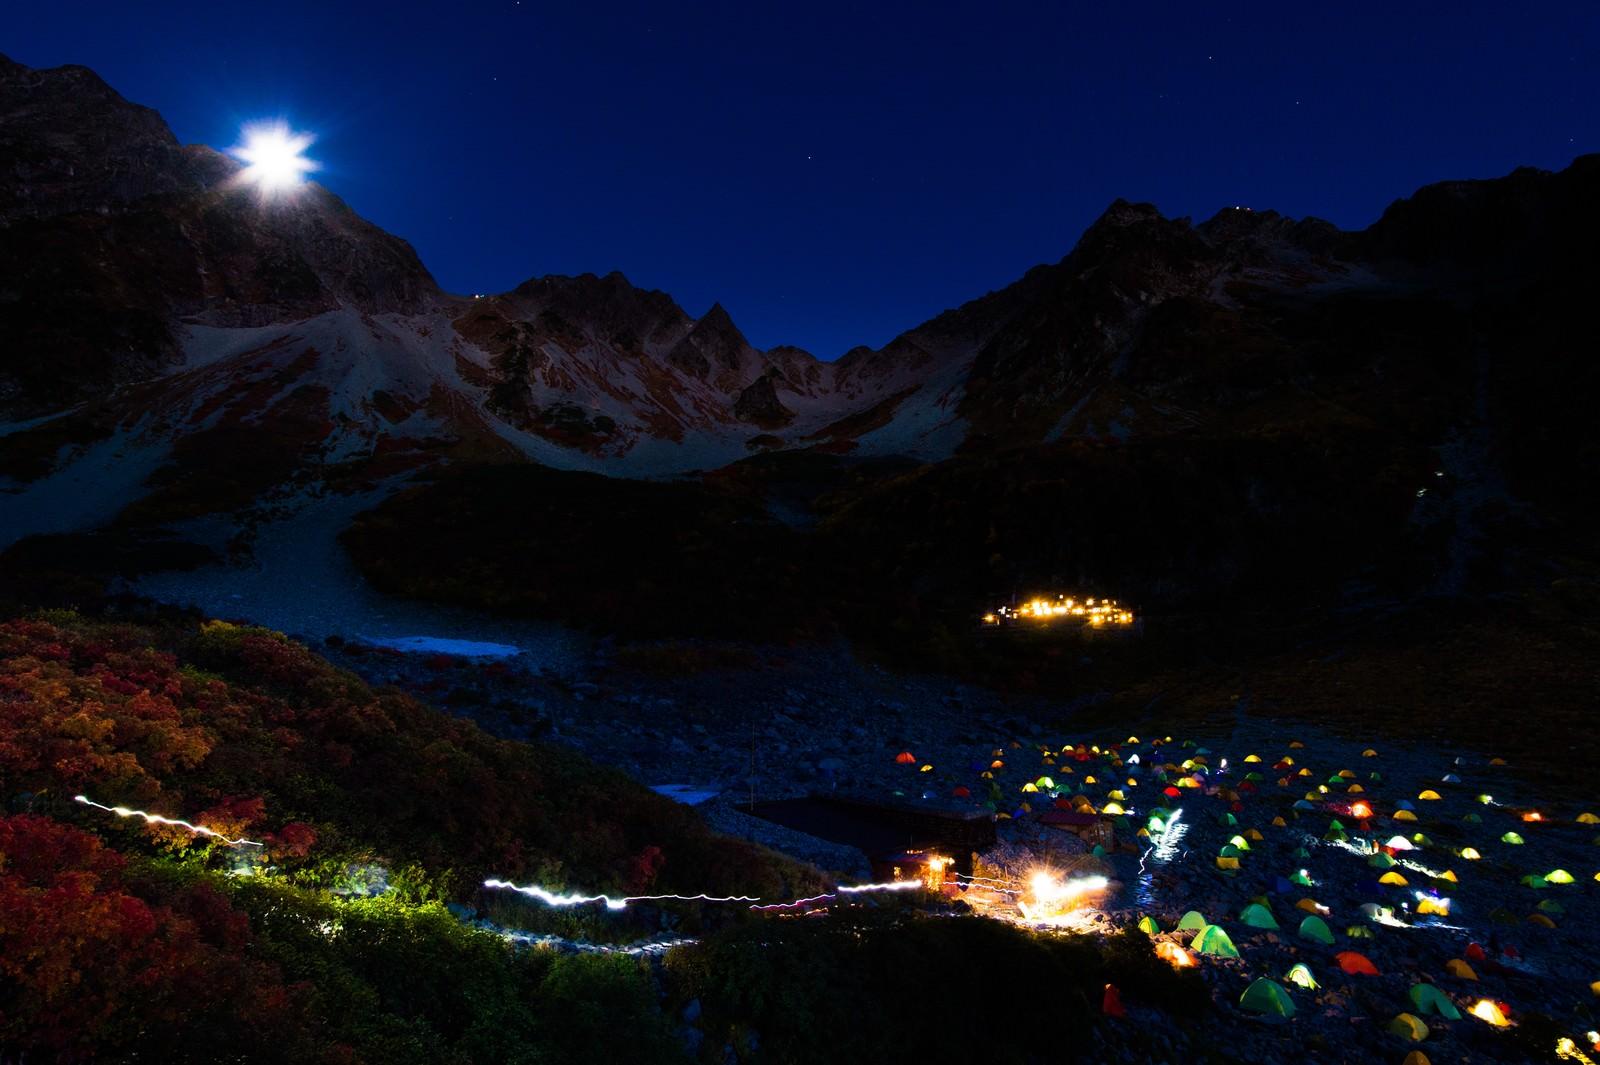 「涸沢カールのテント村と月光ダイアモンド奥穂高岳」の写真